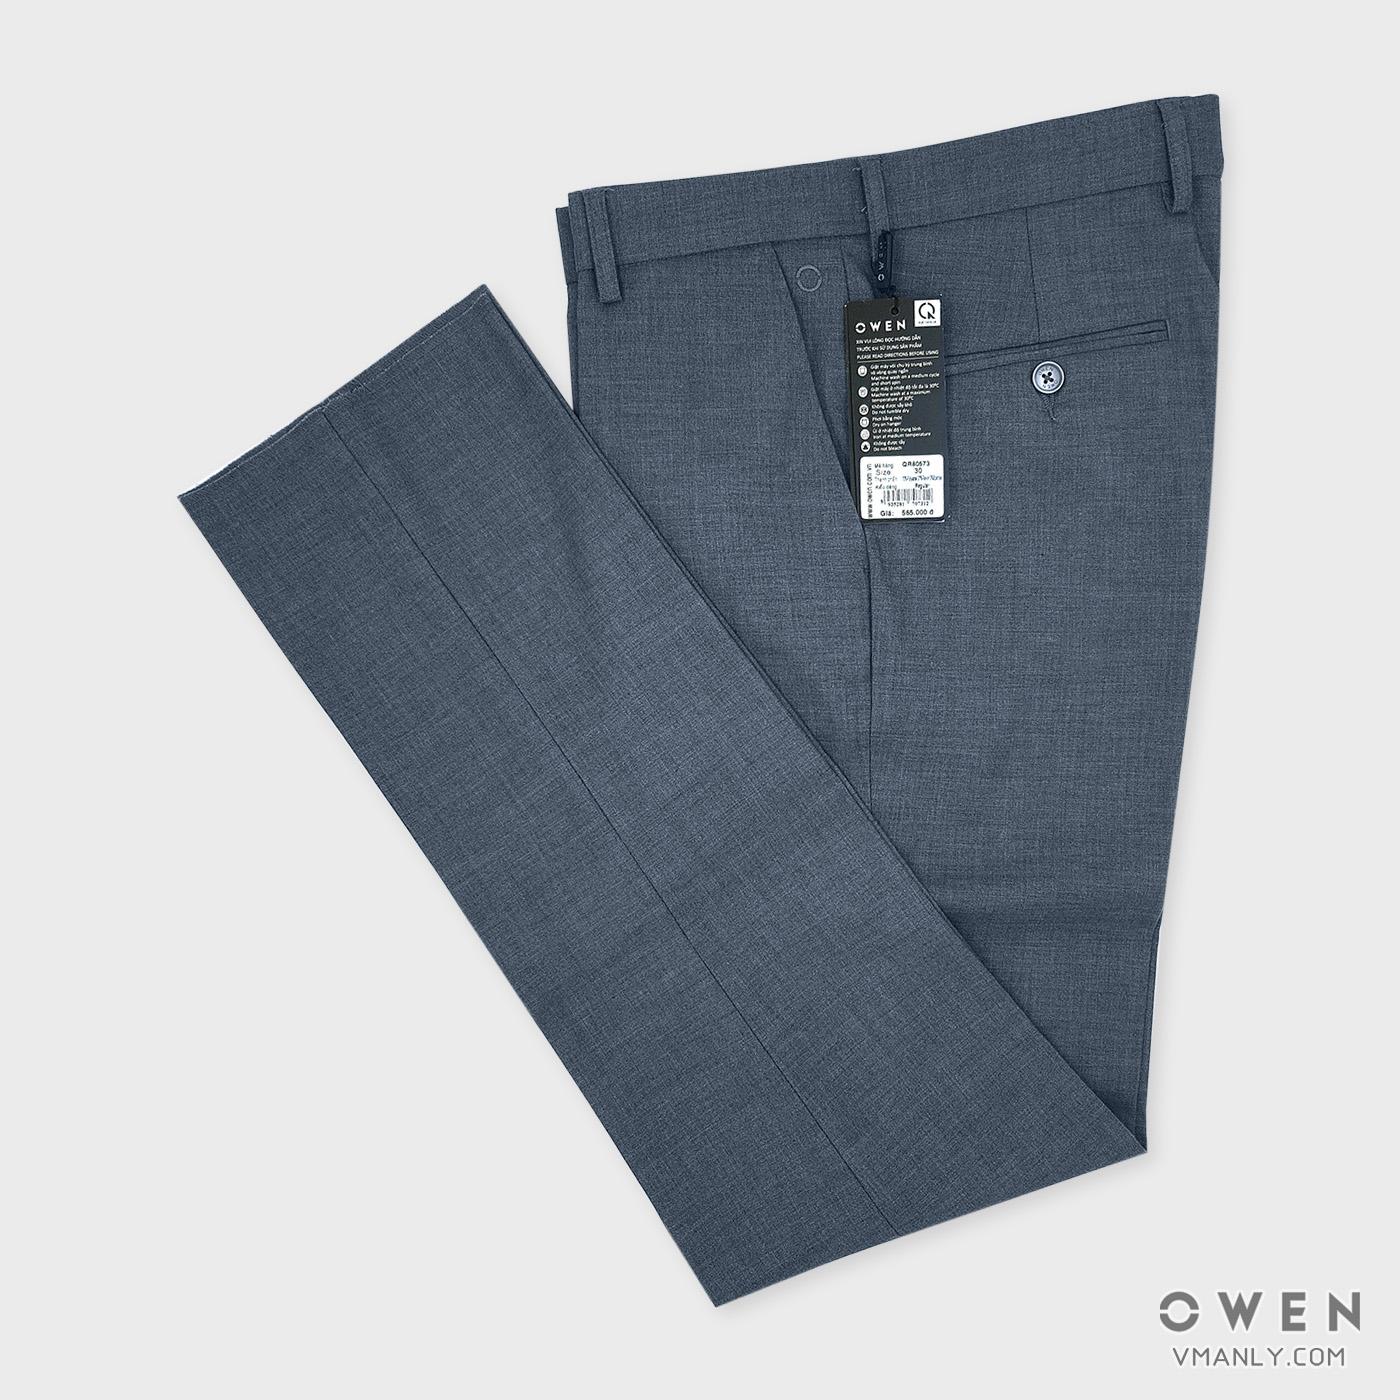 Quần tây Owen không li regular màu xám lông chuột QR80573